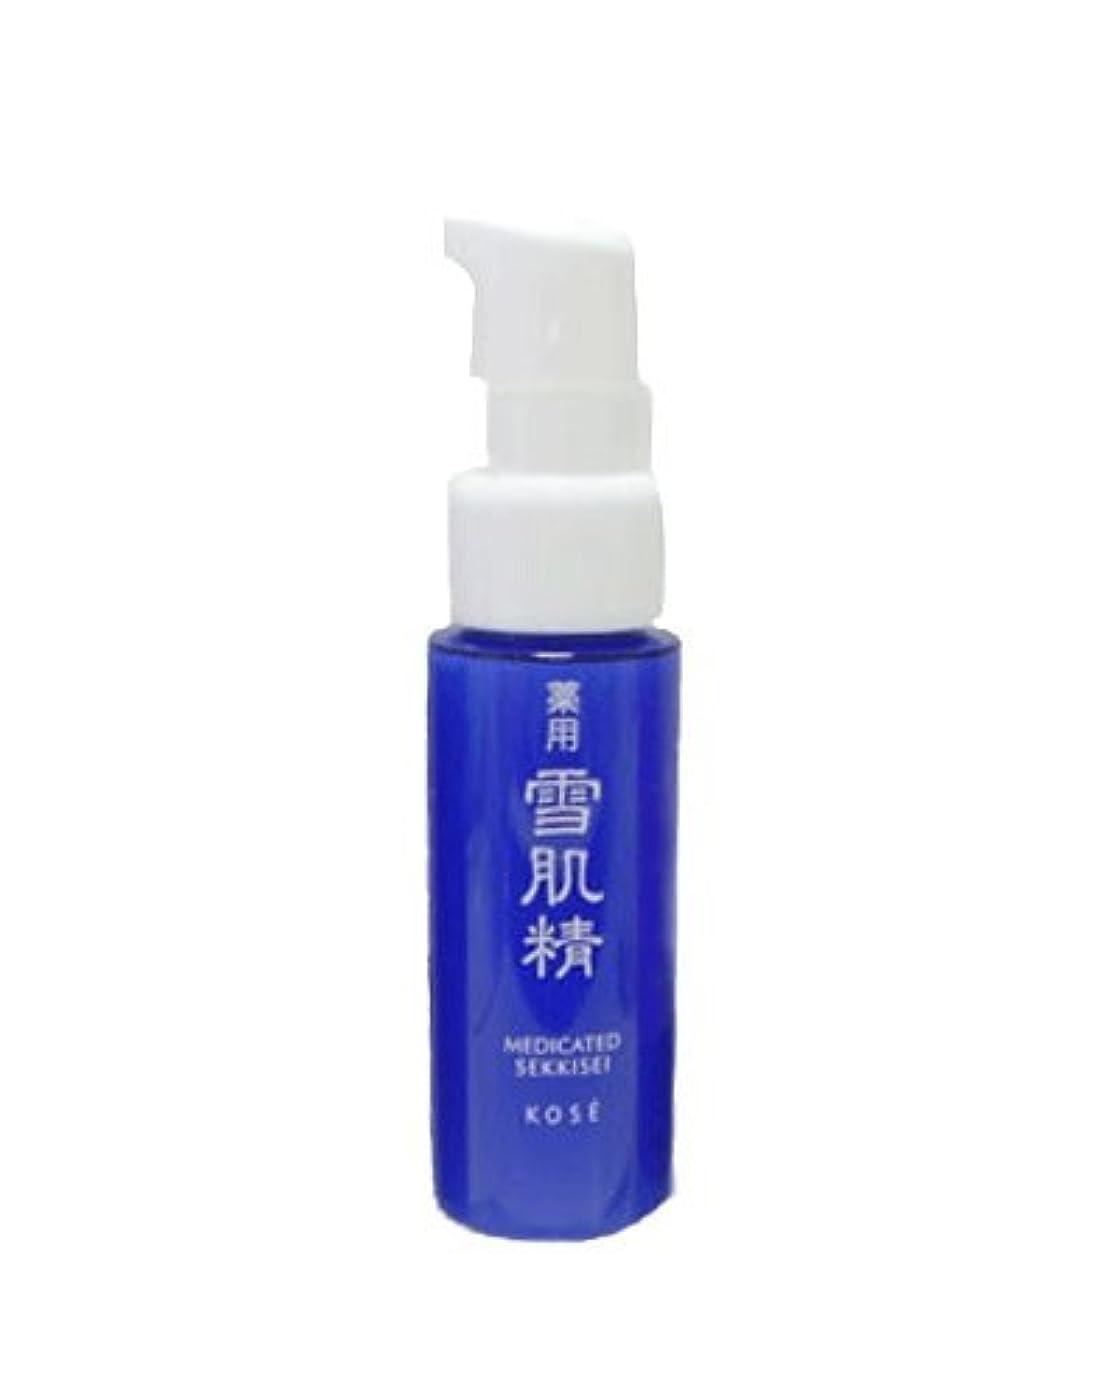 レプリカ縞模様のパシフィック【コーセー】 薬用雪肌精 乳液 20ml 【ミニサイズ】